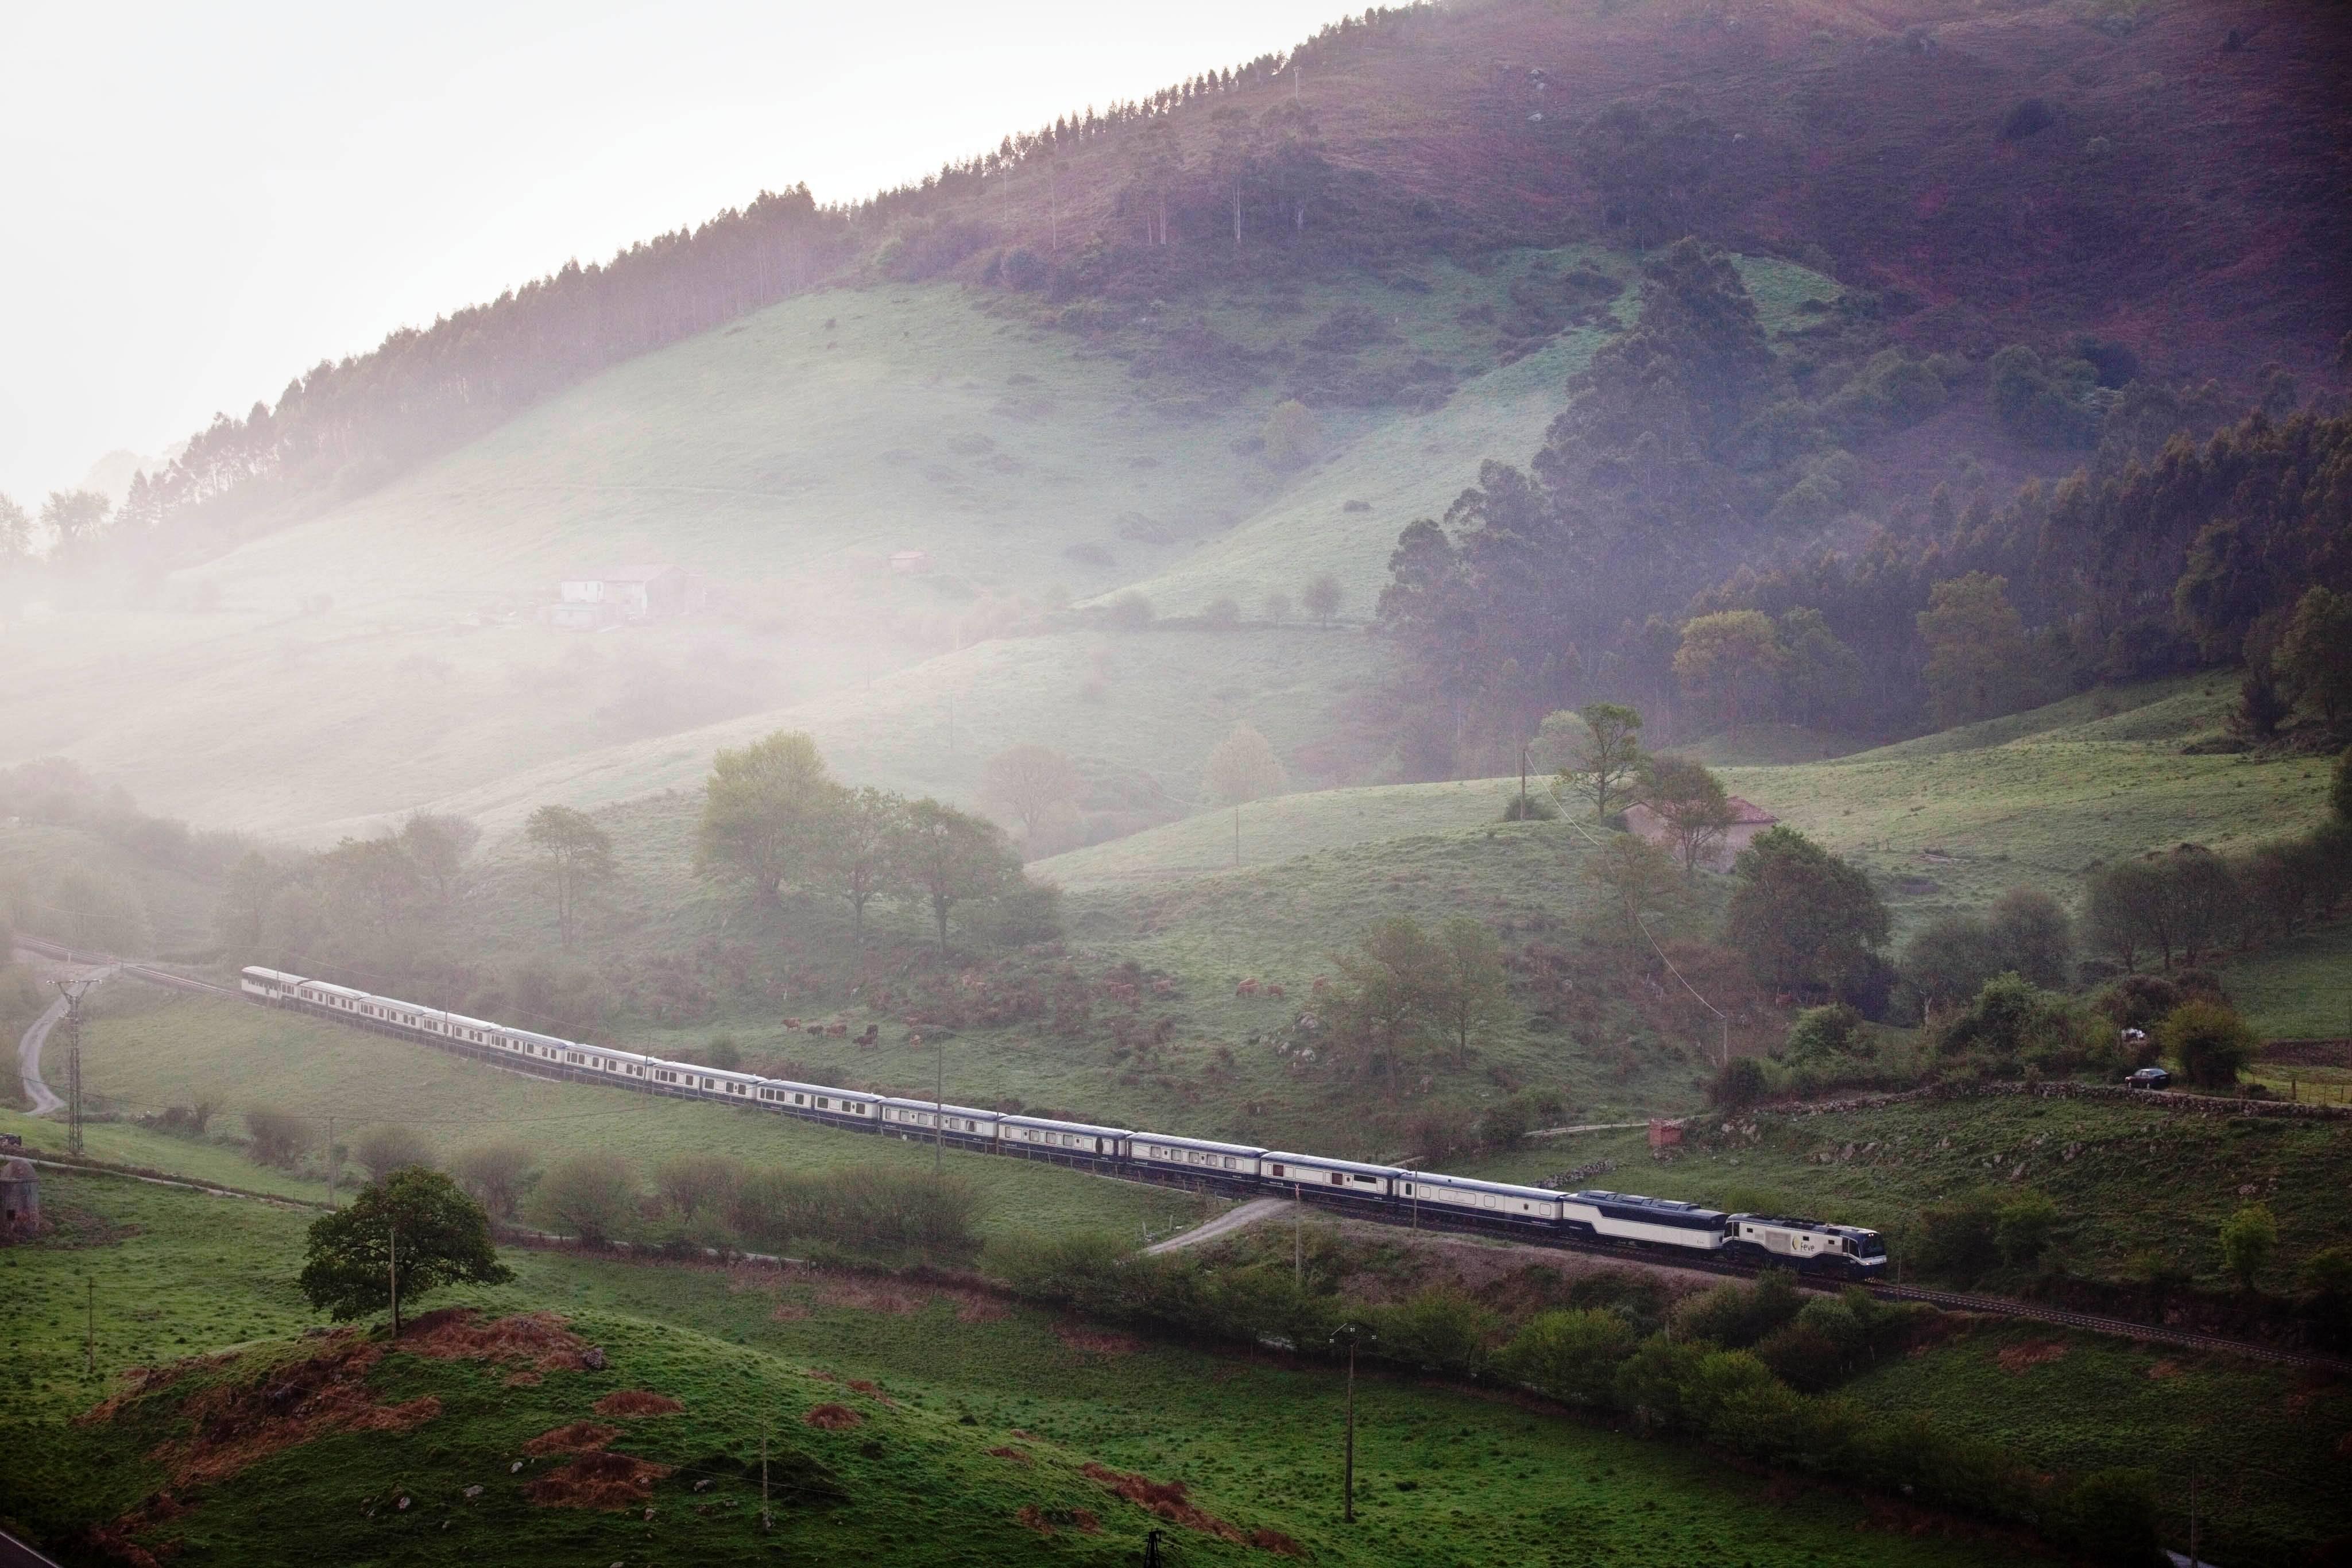 El Transcantabrico Spain Luxury Train - 6